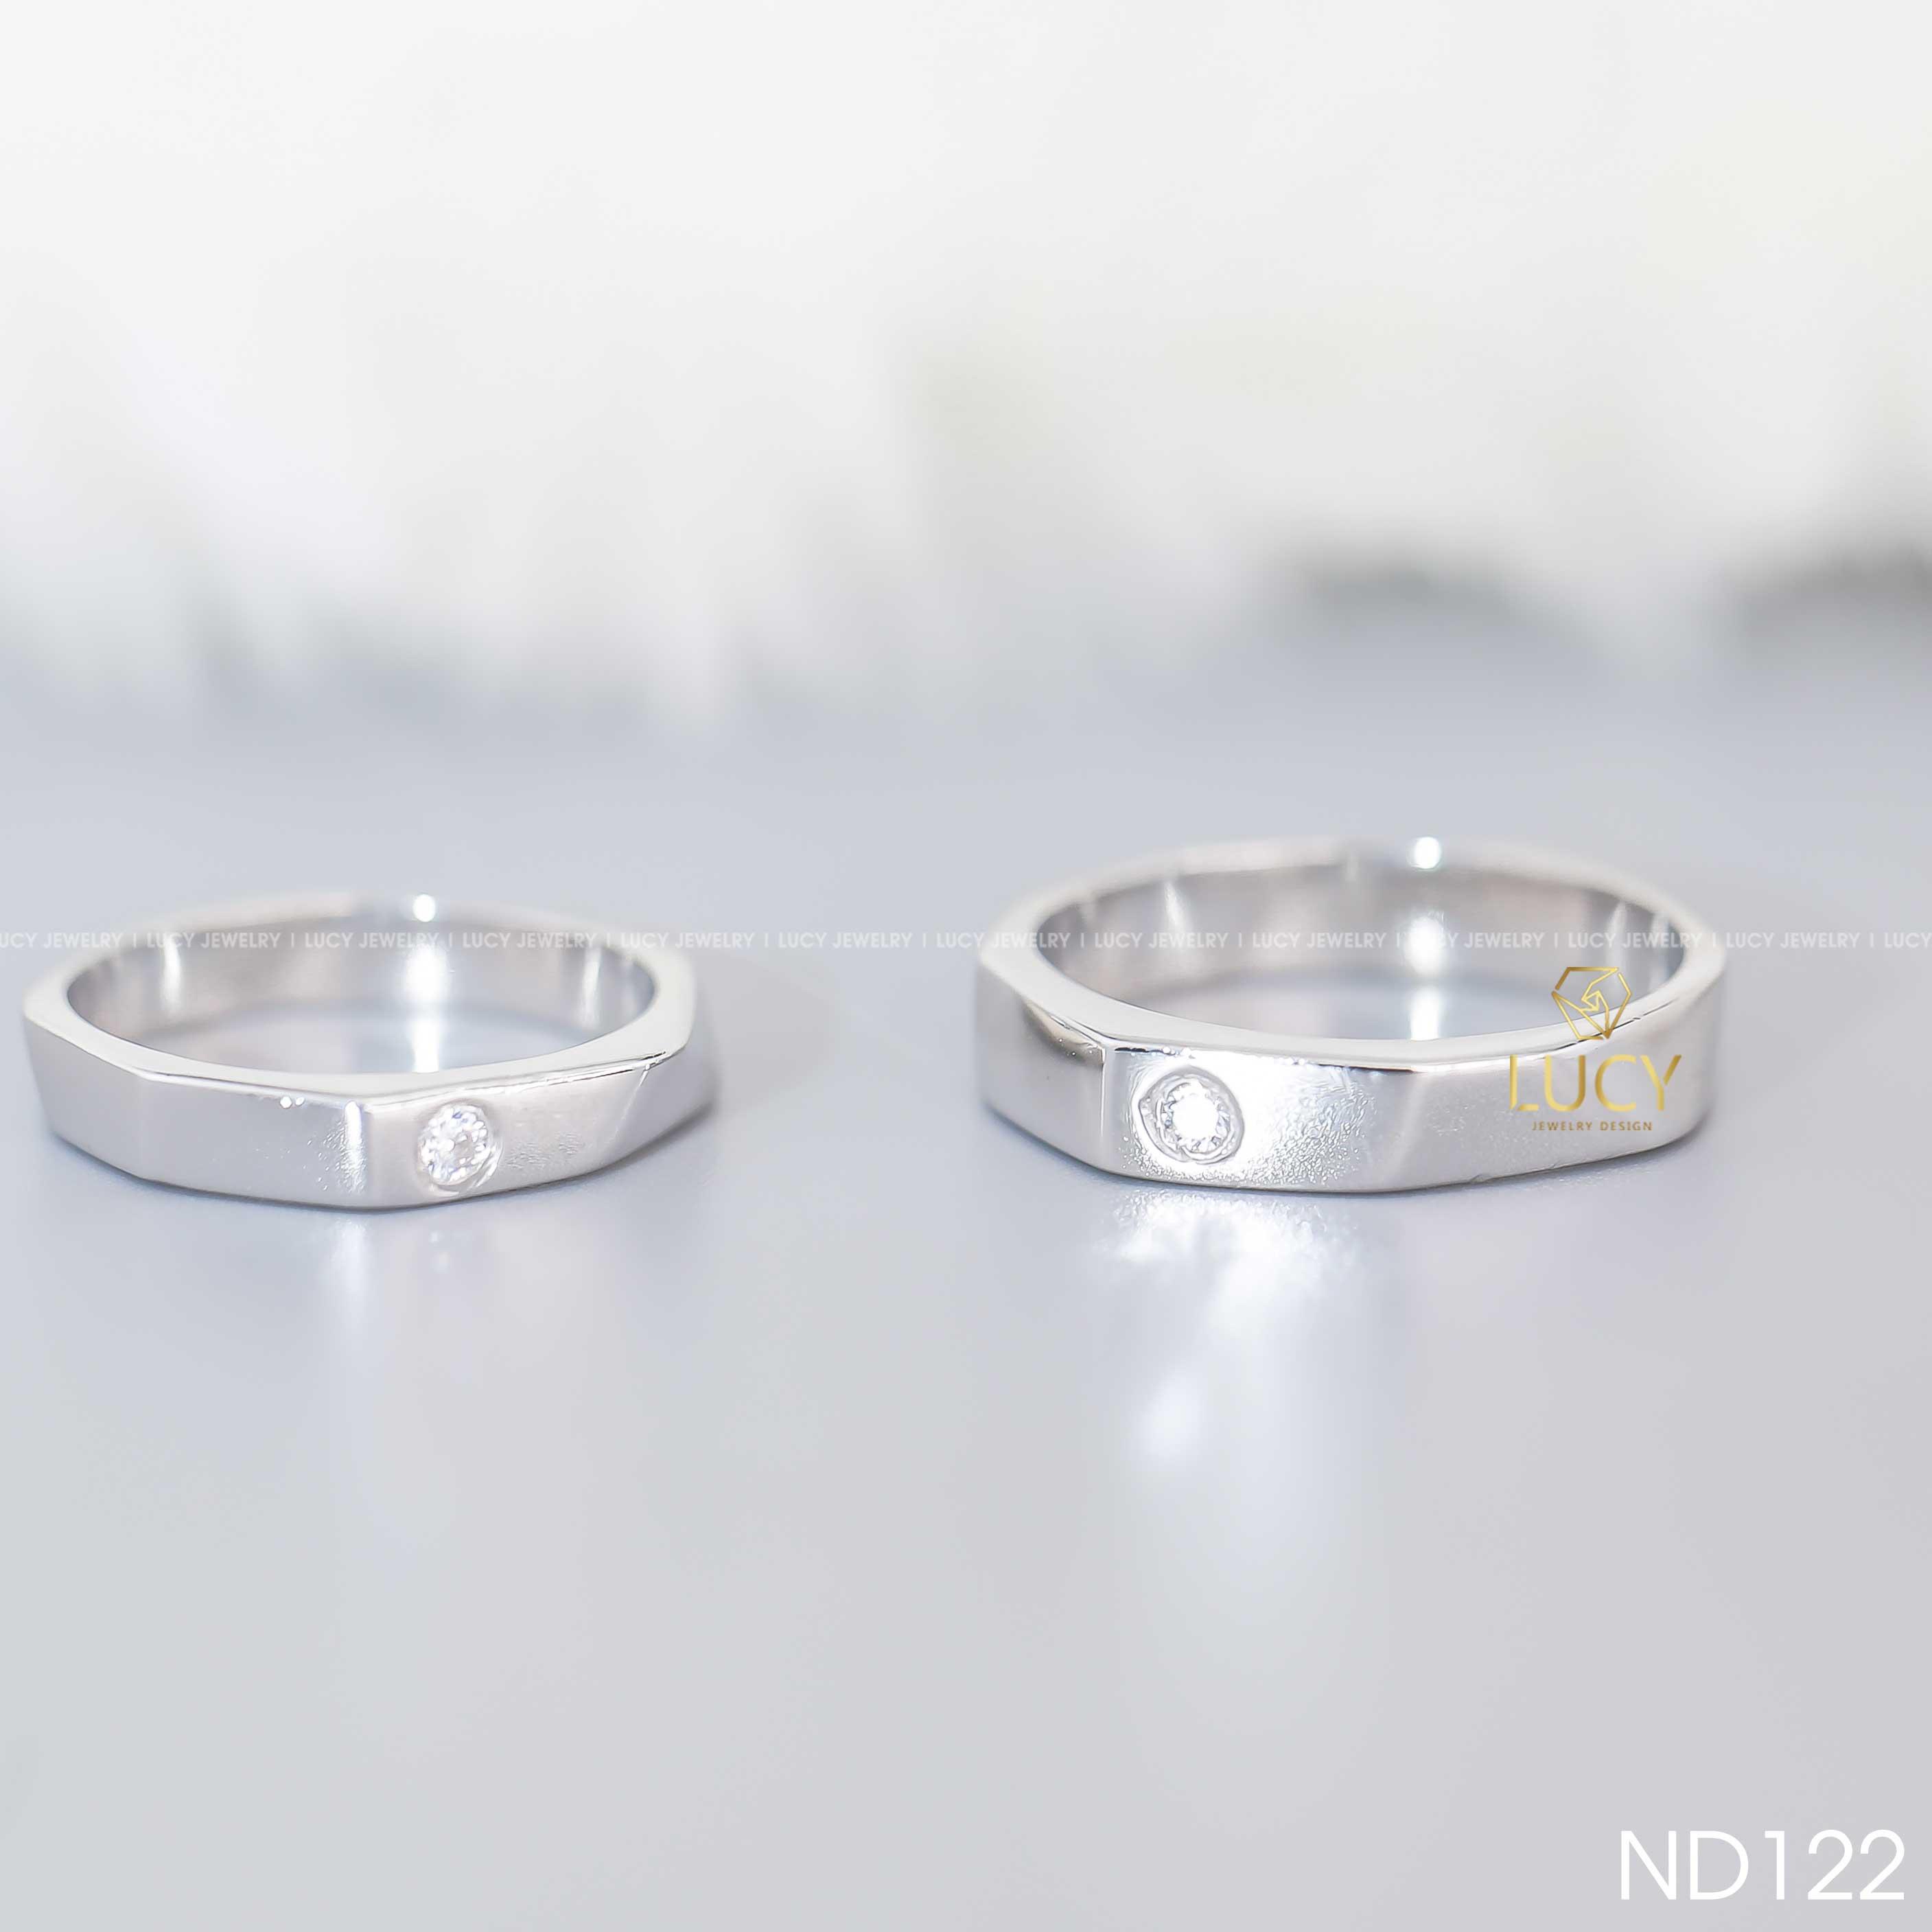 Nhẫn đôi nhẫn cặp bạc Lucy - ND122